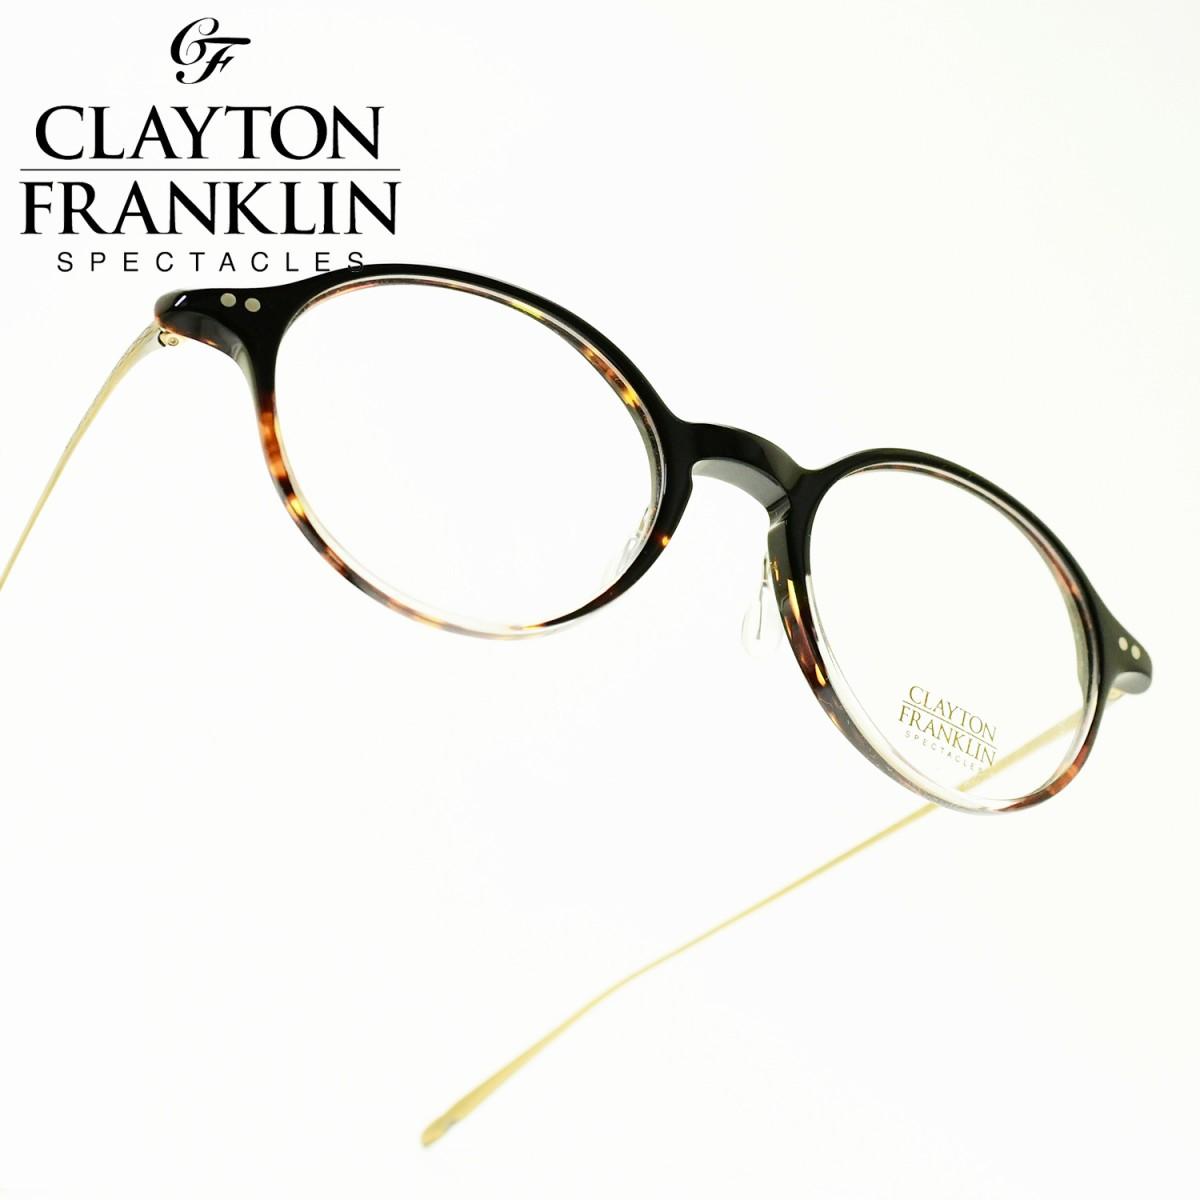 CLAYTON FRANKLIN クレイトンフランクリン766 BKDH(ブラックデミハーフ/デモレンズ)メガネ 眼鏡 めがね メンズ レディース おしゃれブランド 人気 おすすめ フレーム 流行り 度付き レンズ